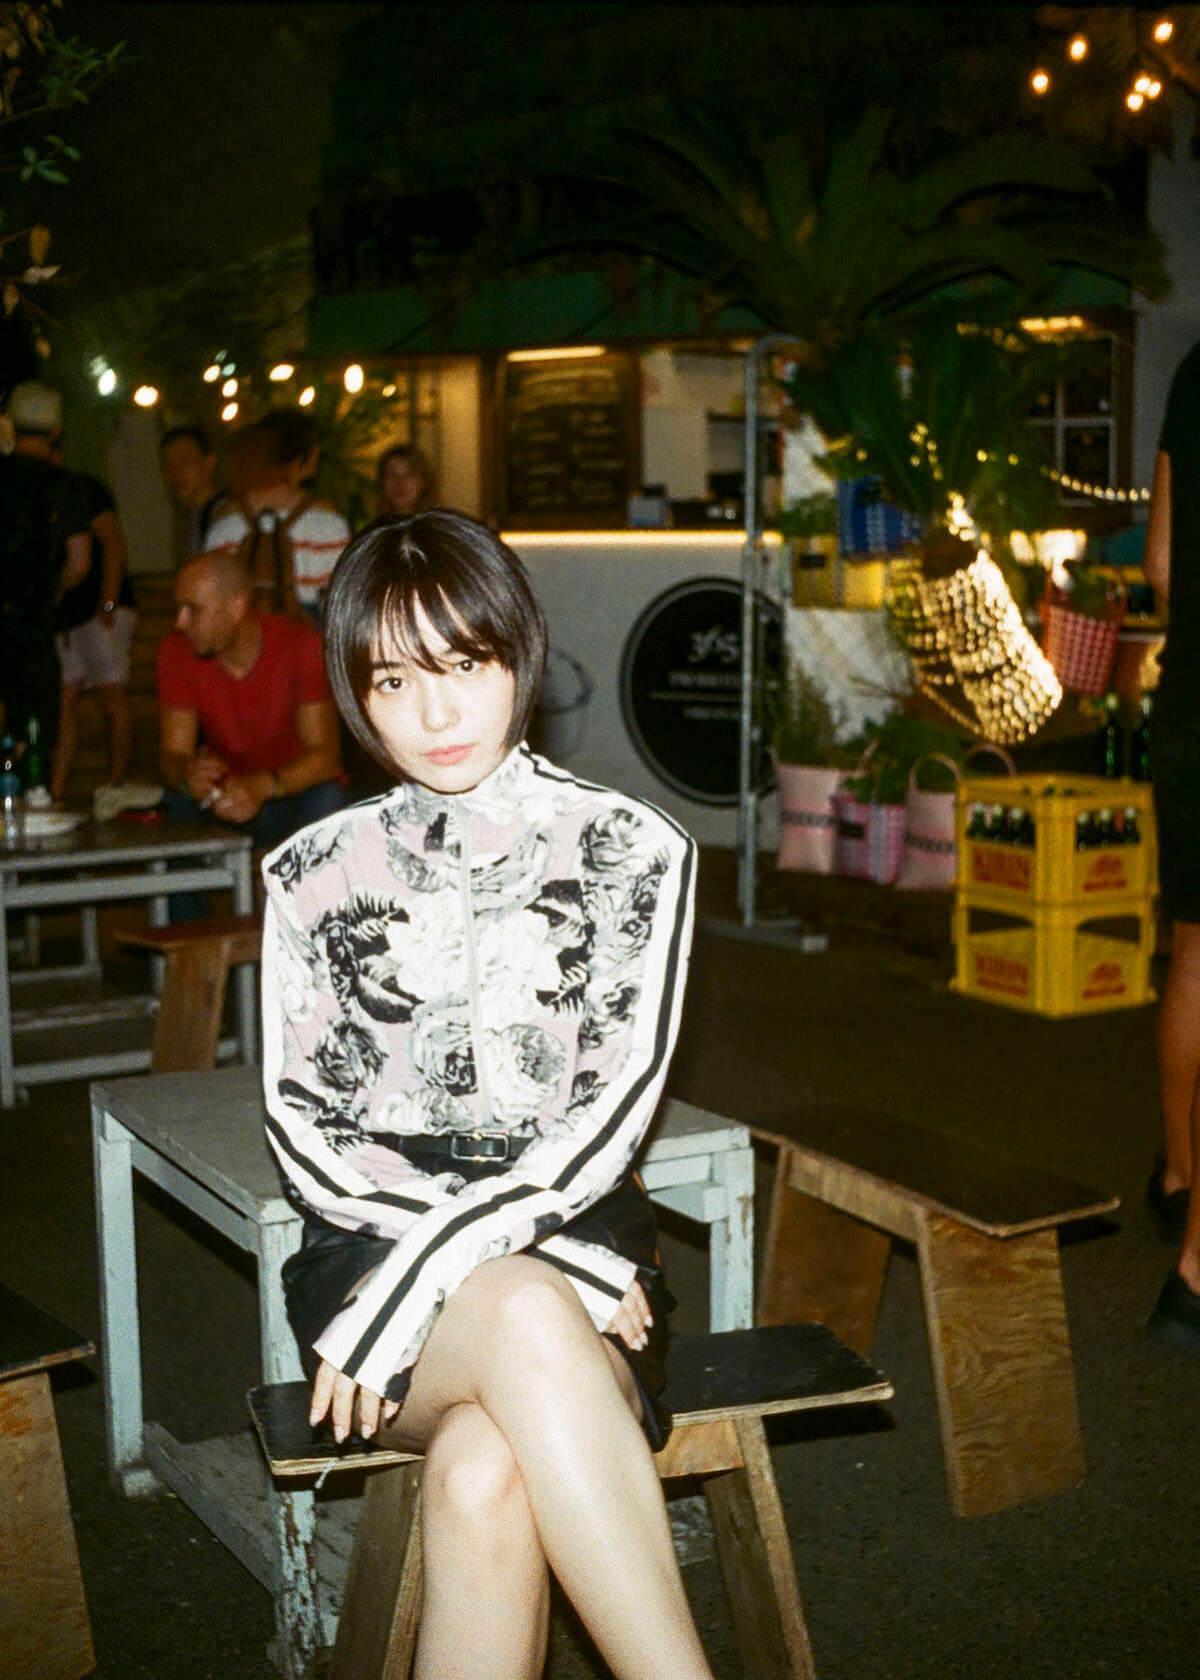 【25's view】アーティスト・Mikako|25人の25歳へインタビュー interview_190826_mikako_4